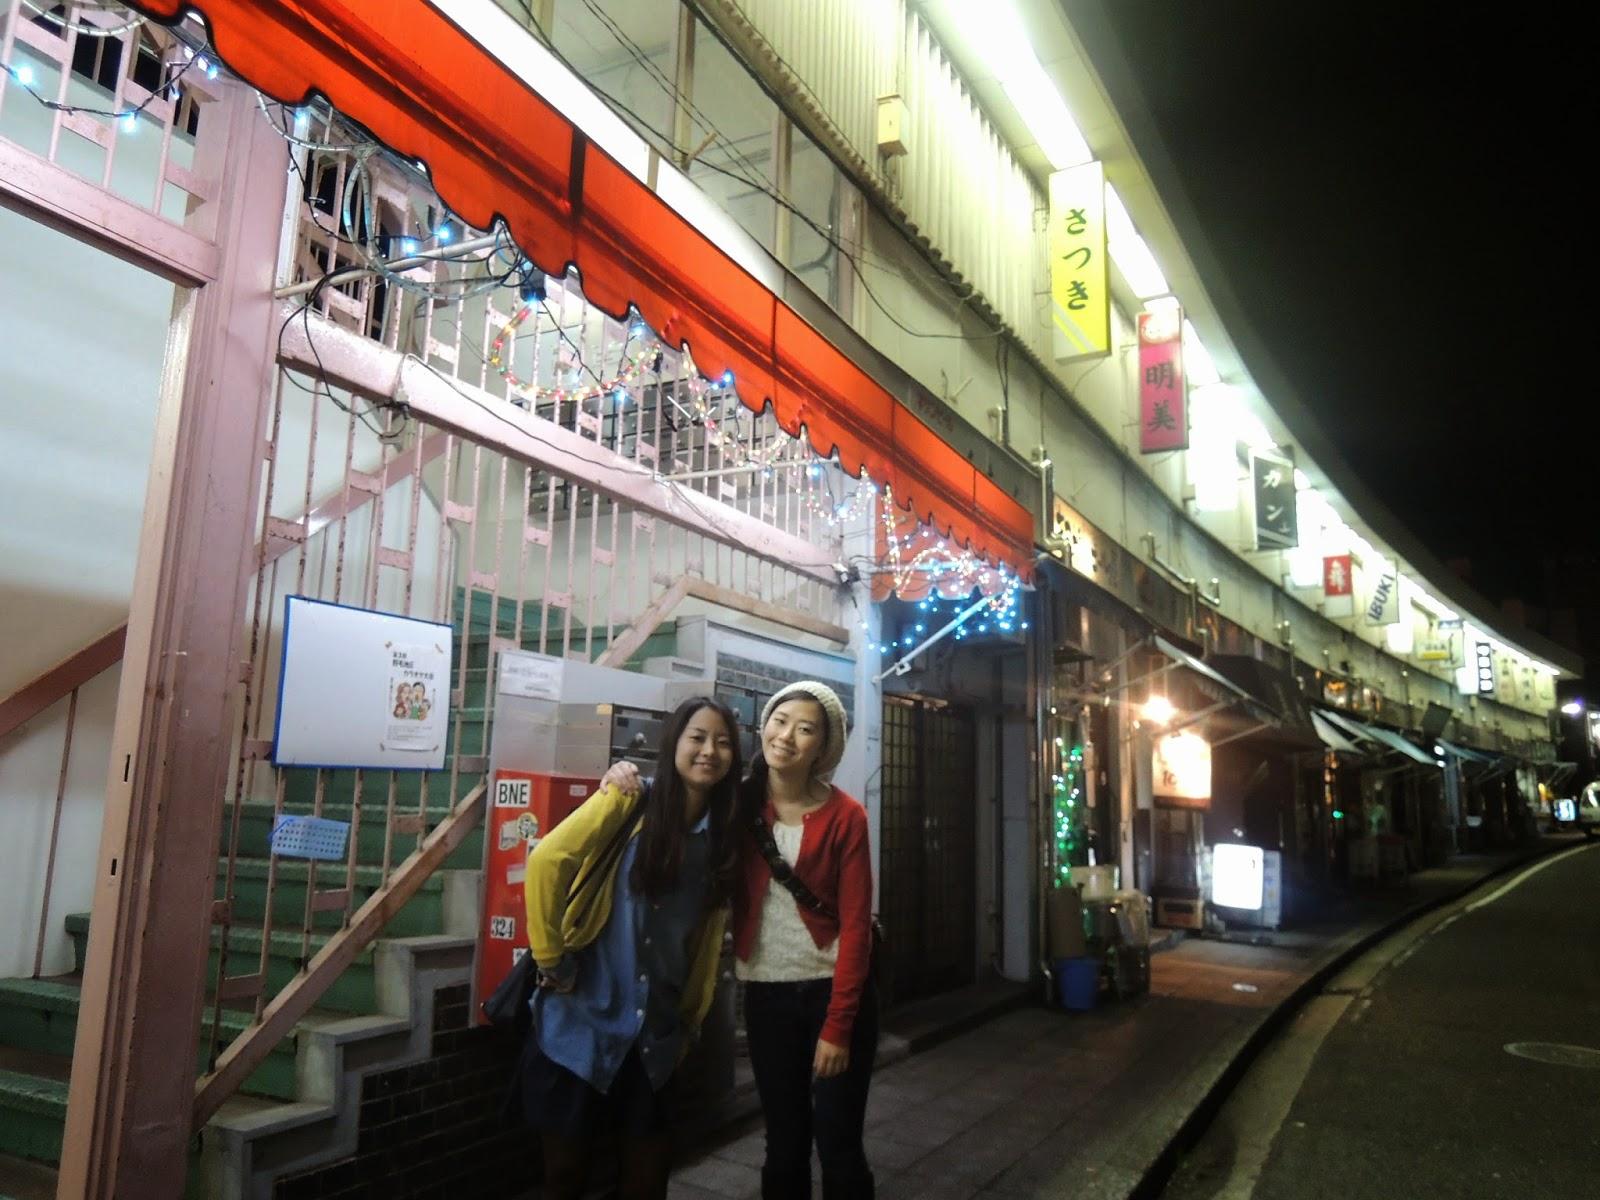 横浜観光【横浜】野毛町 Yokohama Nogecho